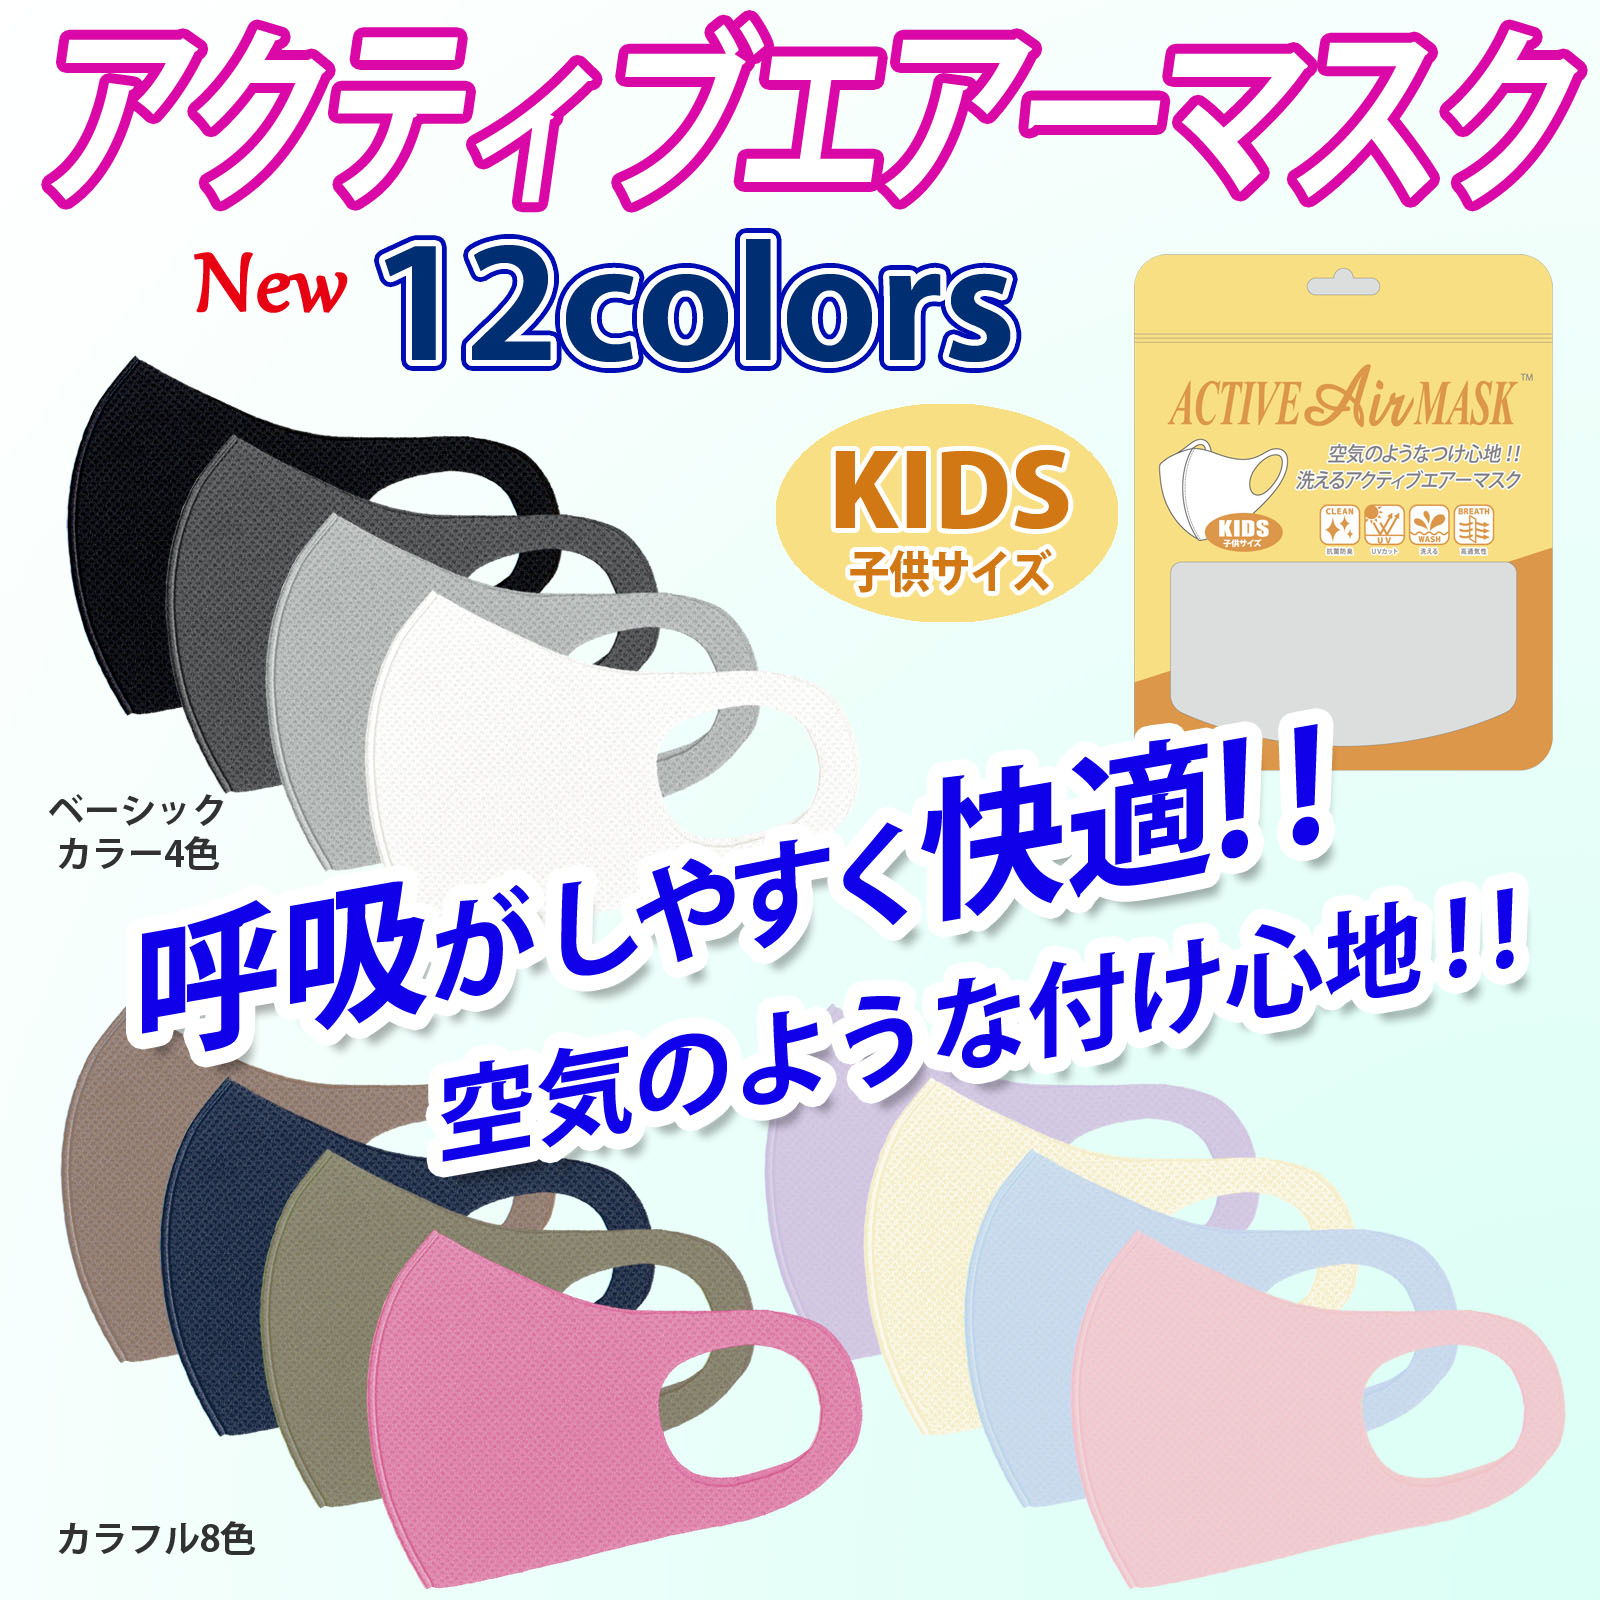 空気のような付け心地!! アクティブエアーマスク KIDS 子供用 / 高通気性マスク 洗える 呼吸がしやすい